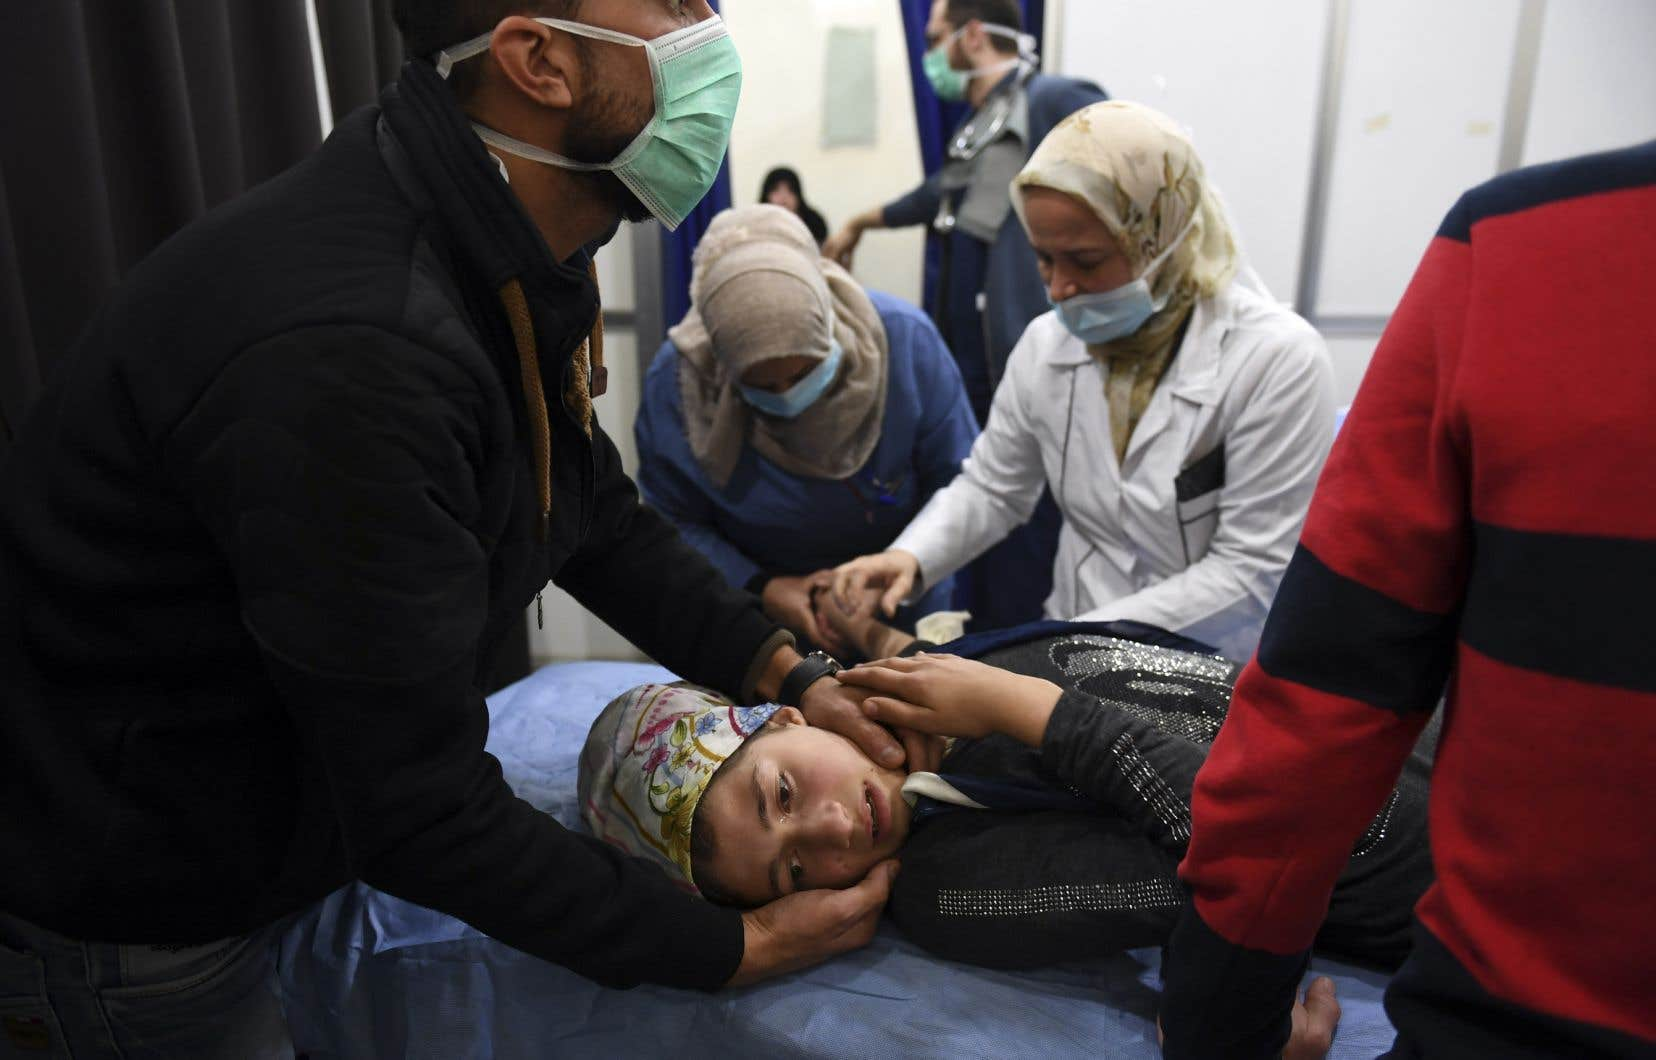 Une jeune fille syrienne est soignée dans un hôpital d'Alep. Des médias syriens officiels ont accusé l'opposition armée d'avoir lancé une attaque au «gaz toxique» sur la ville, ce que les rebelles ont nié.